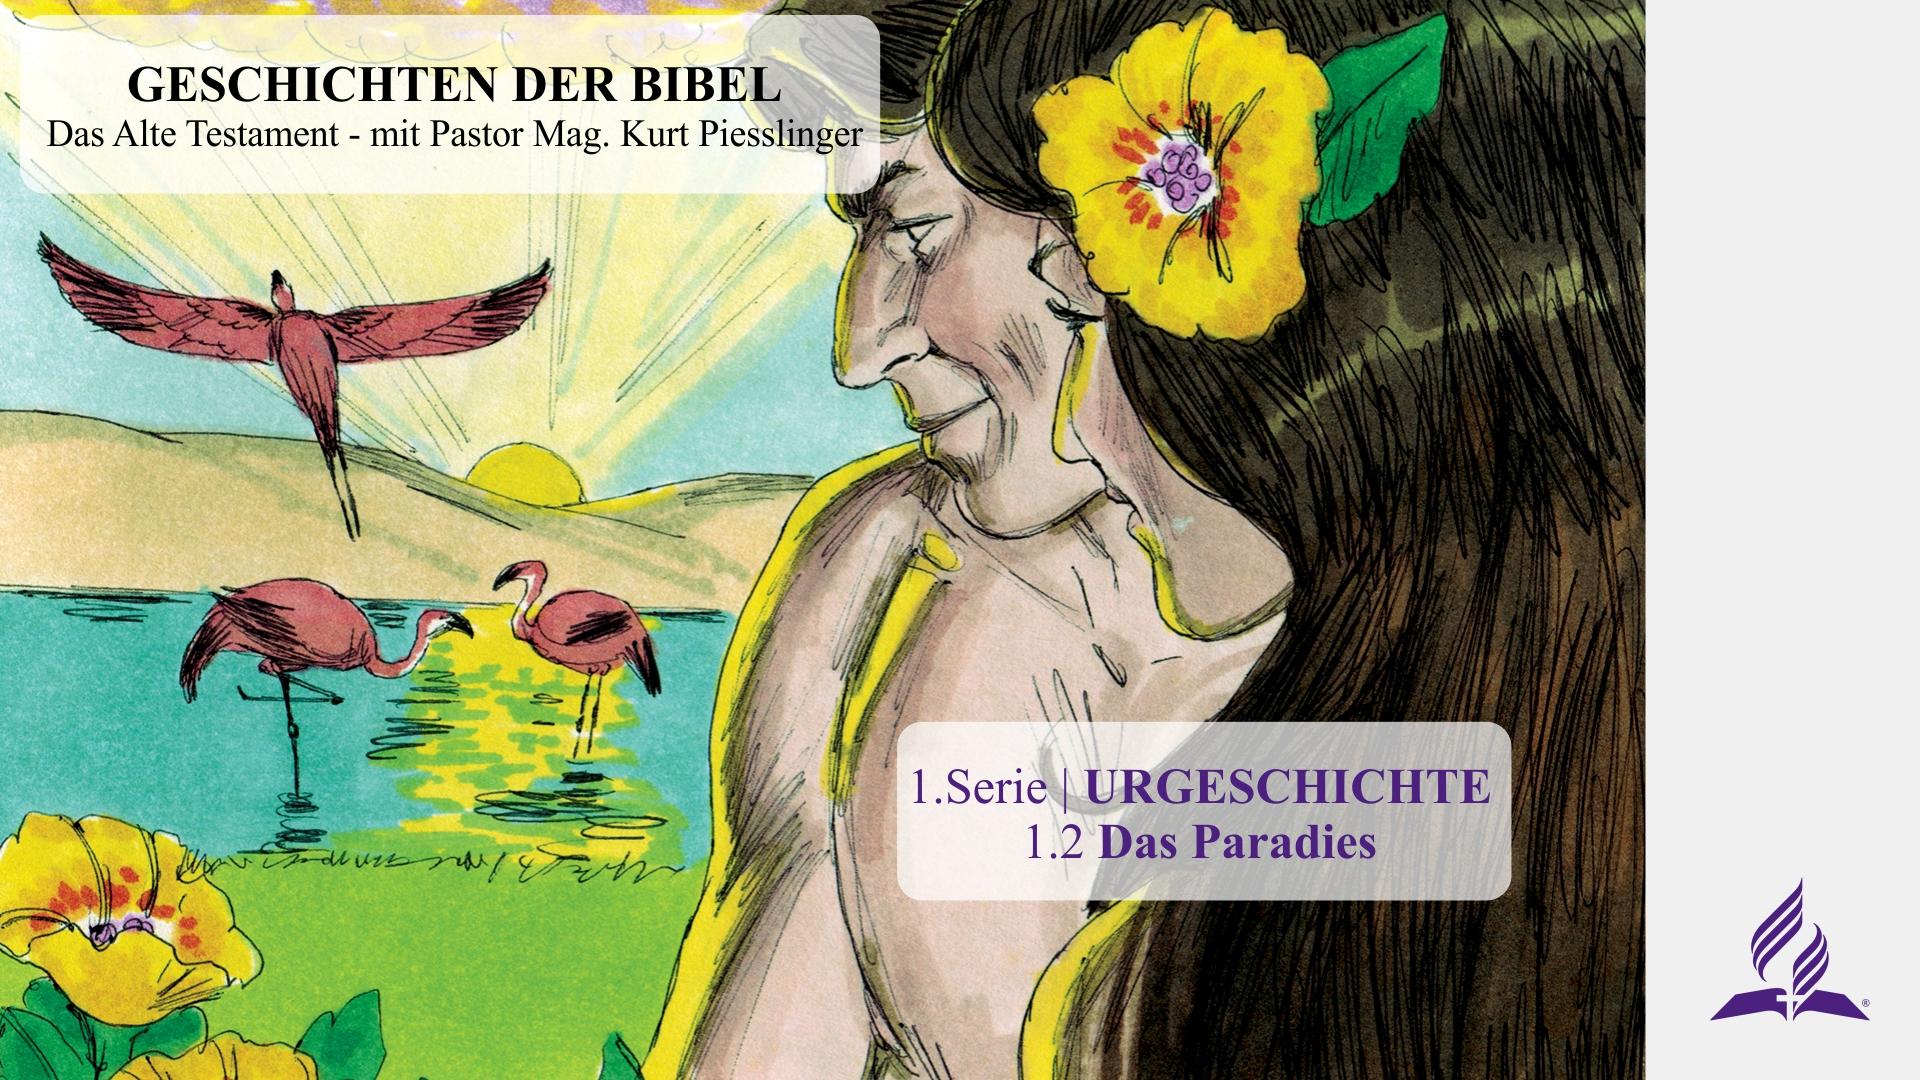 1.2 Das Paradies – URGESCHICHTE | Pastor Mag. Kurt Piesslinger